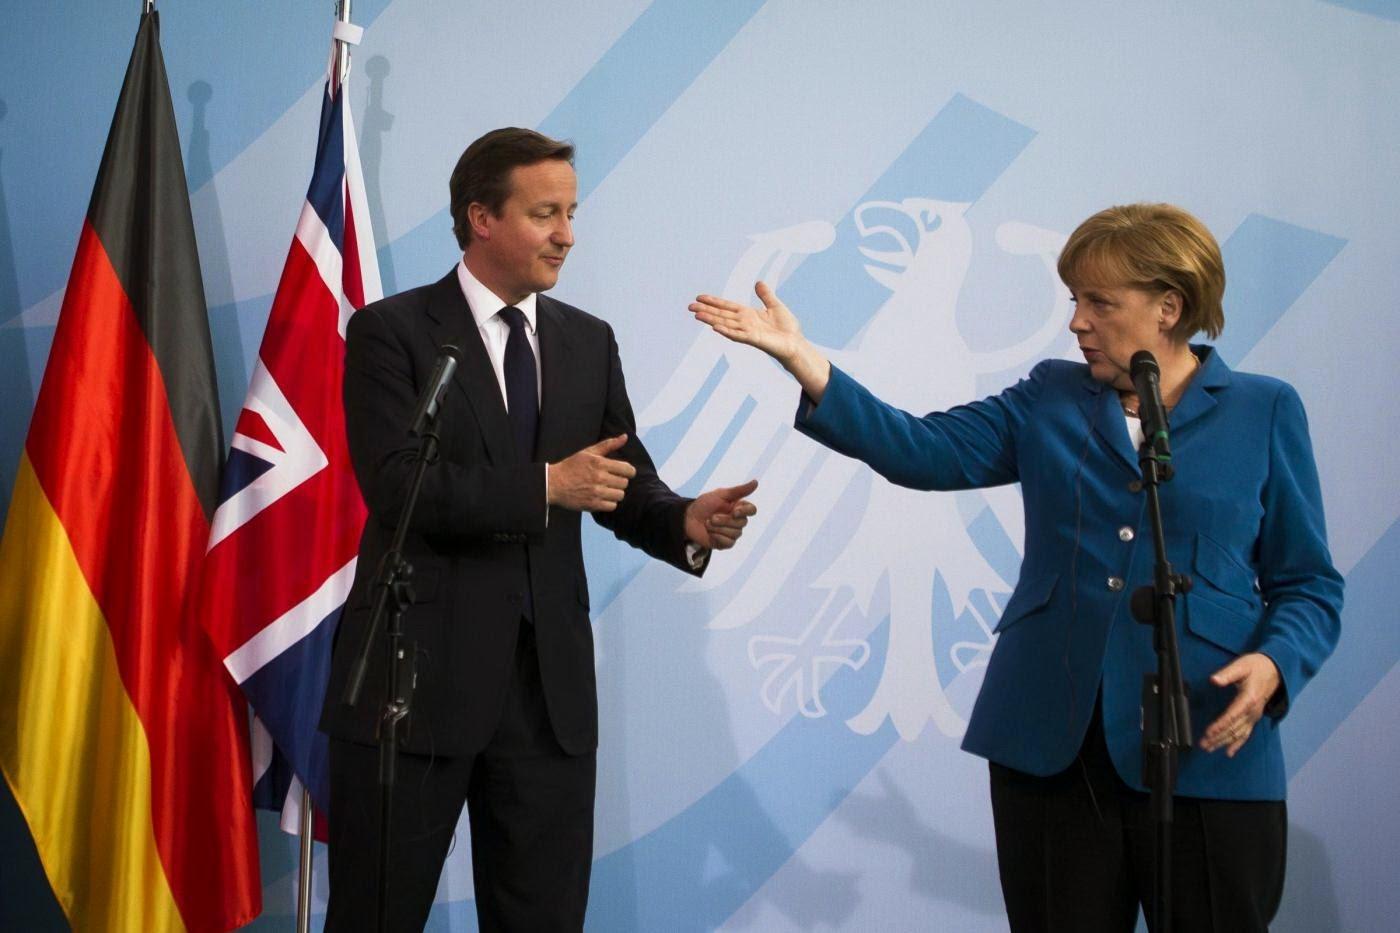 A ruptura era inevitável diante da política hegemônica alemã.